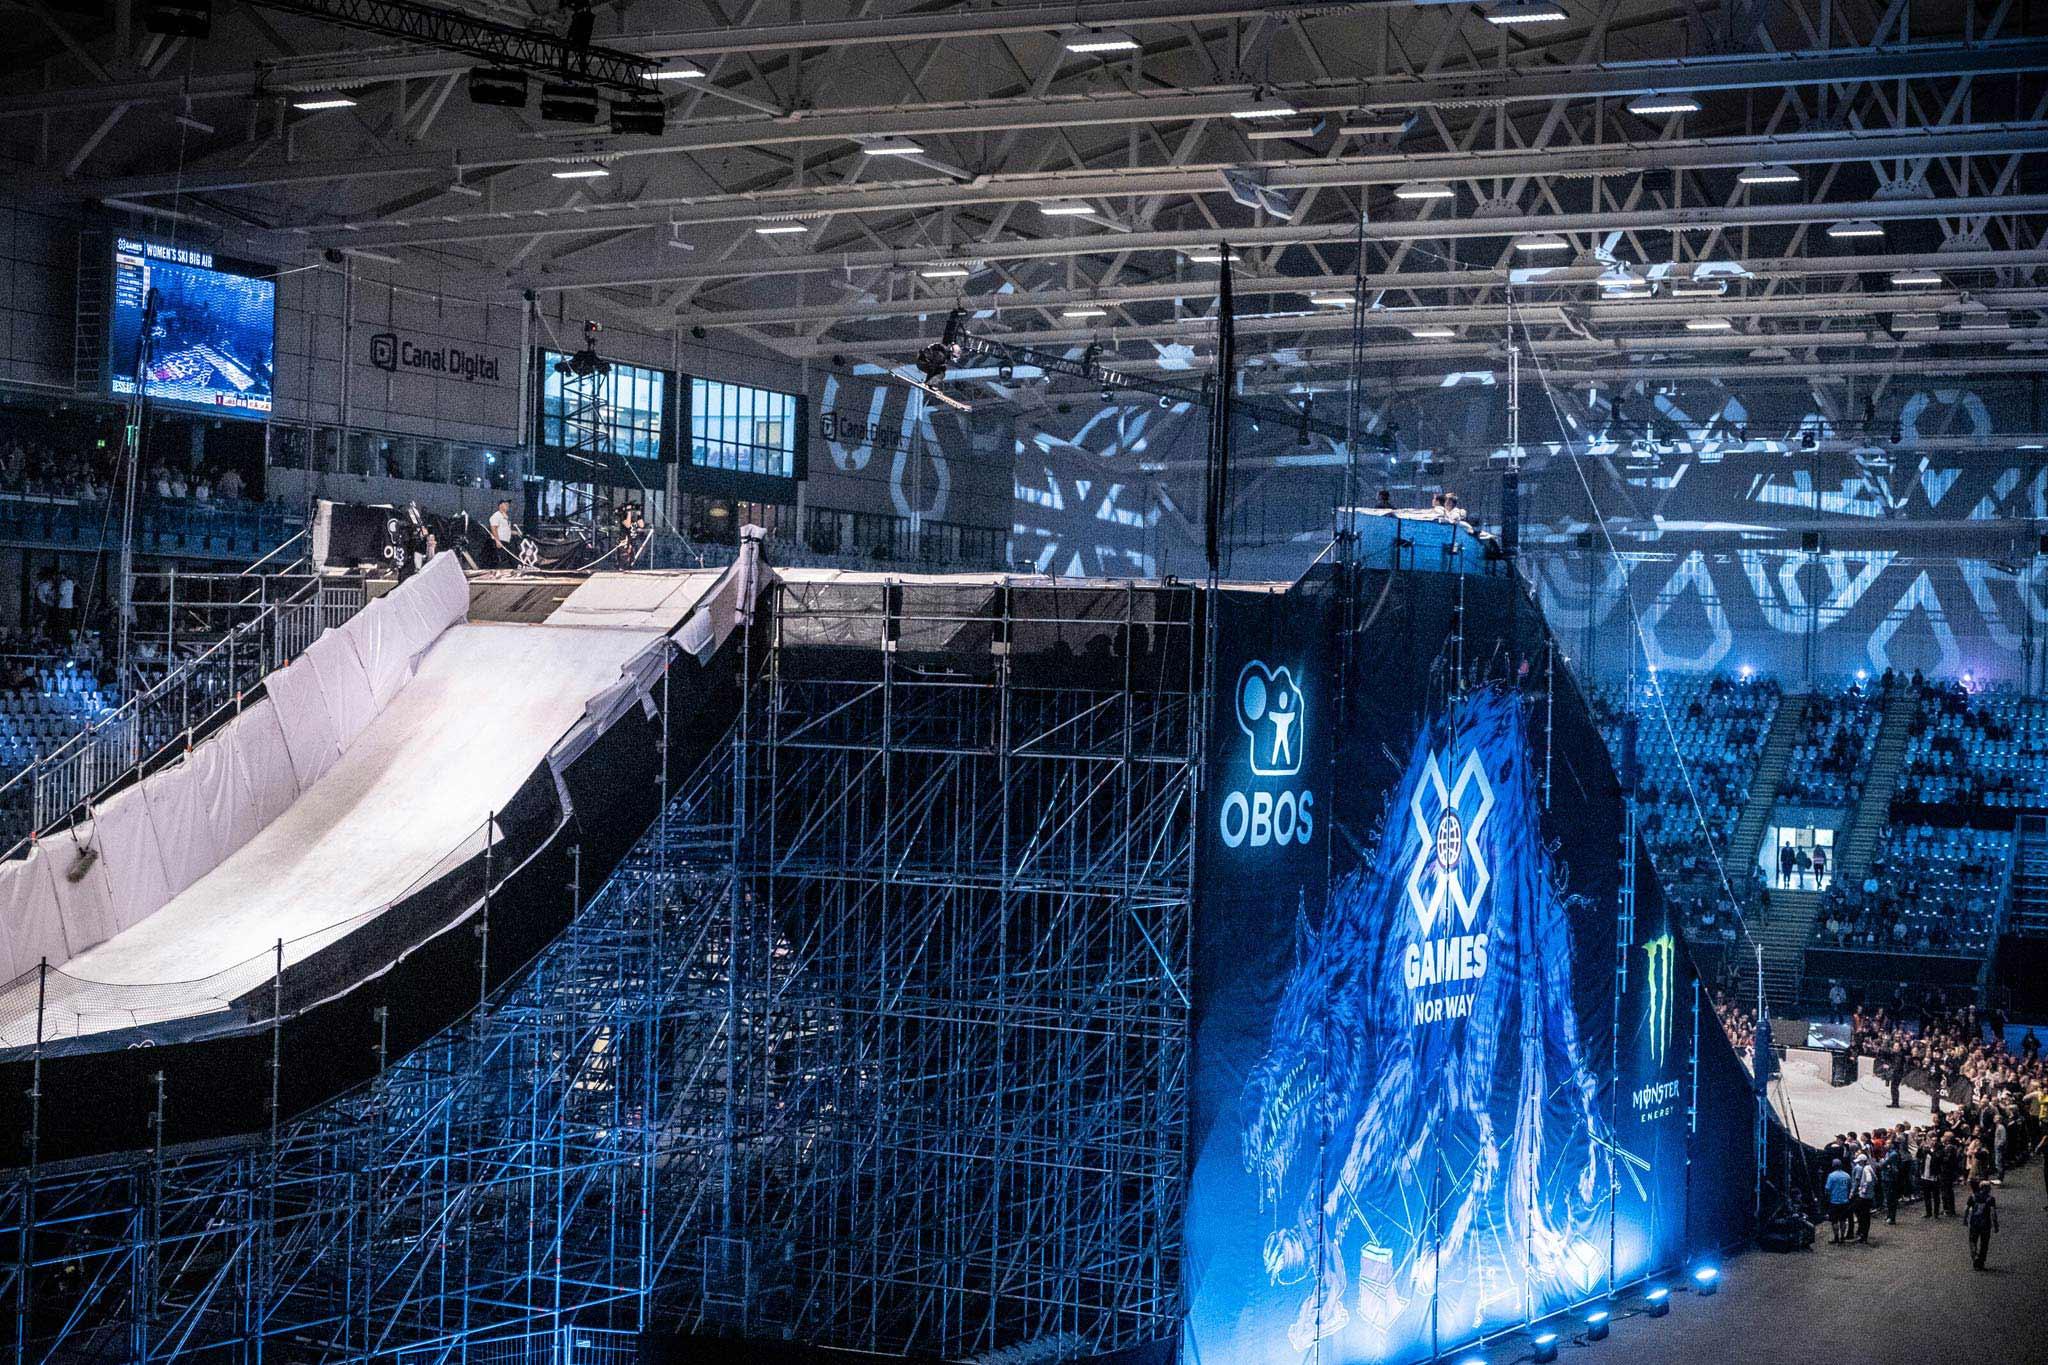 Für den Big Air Contests baute Schneestern eine massive Rampe in das Indoor-Stadium in Oslo. - Foto: Red Bull Content Pool